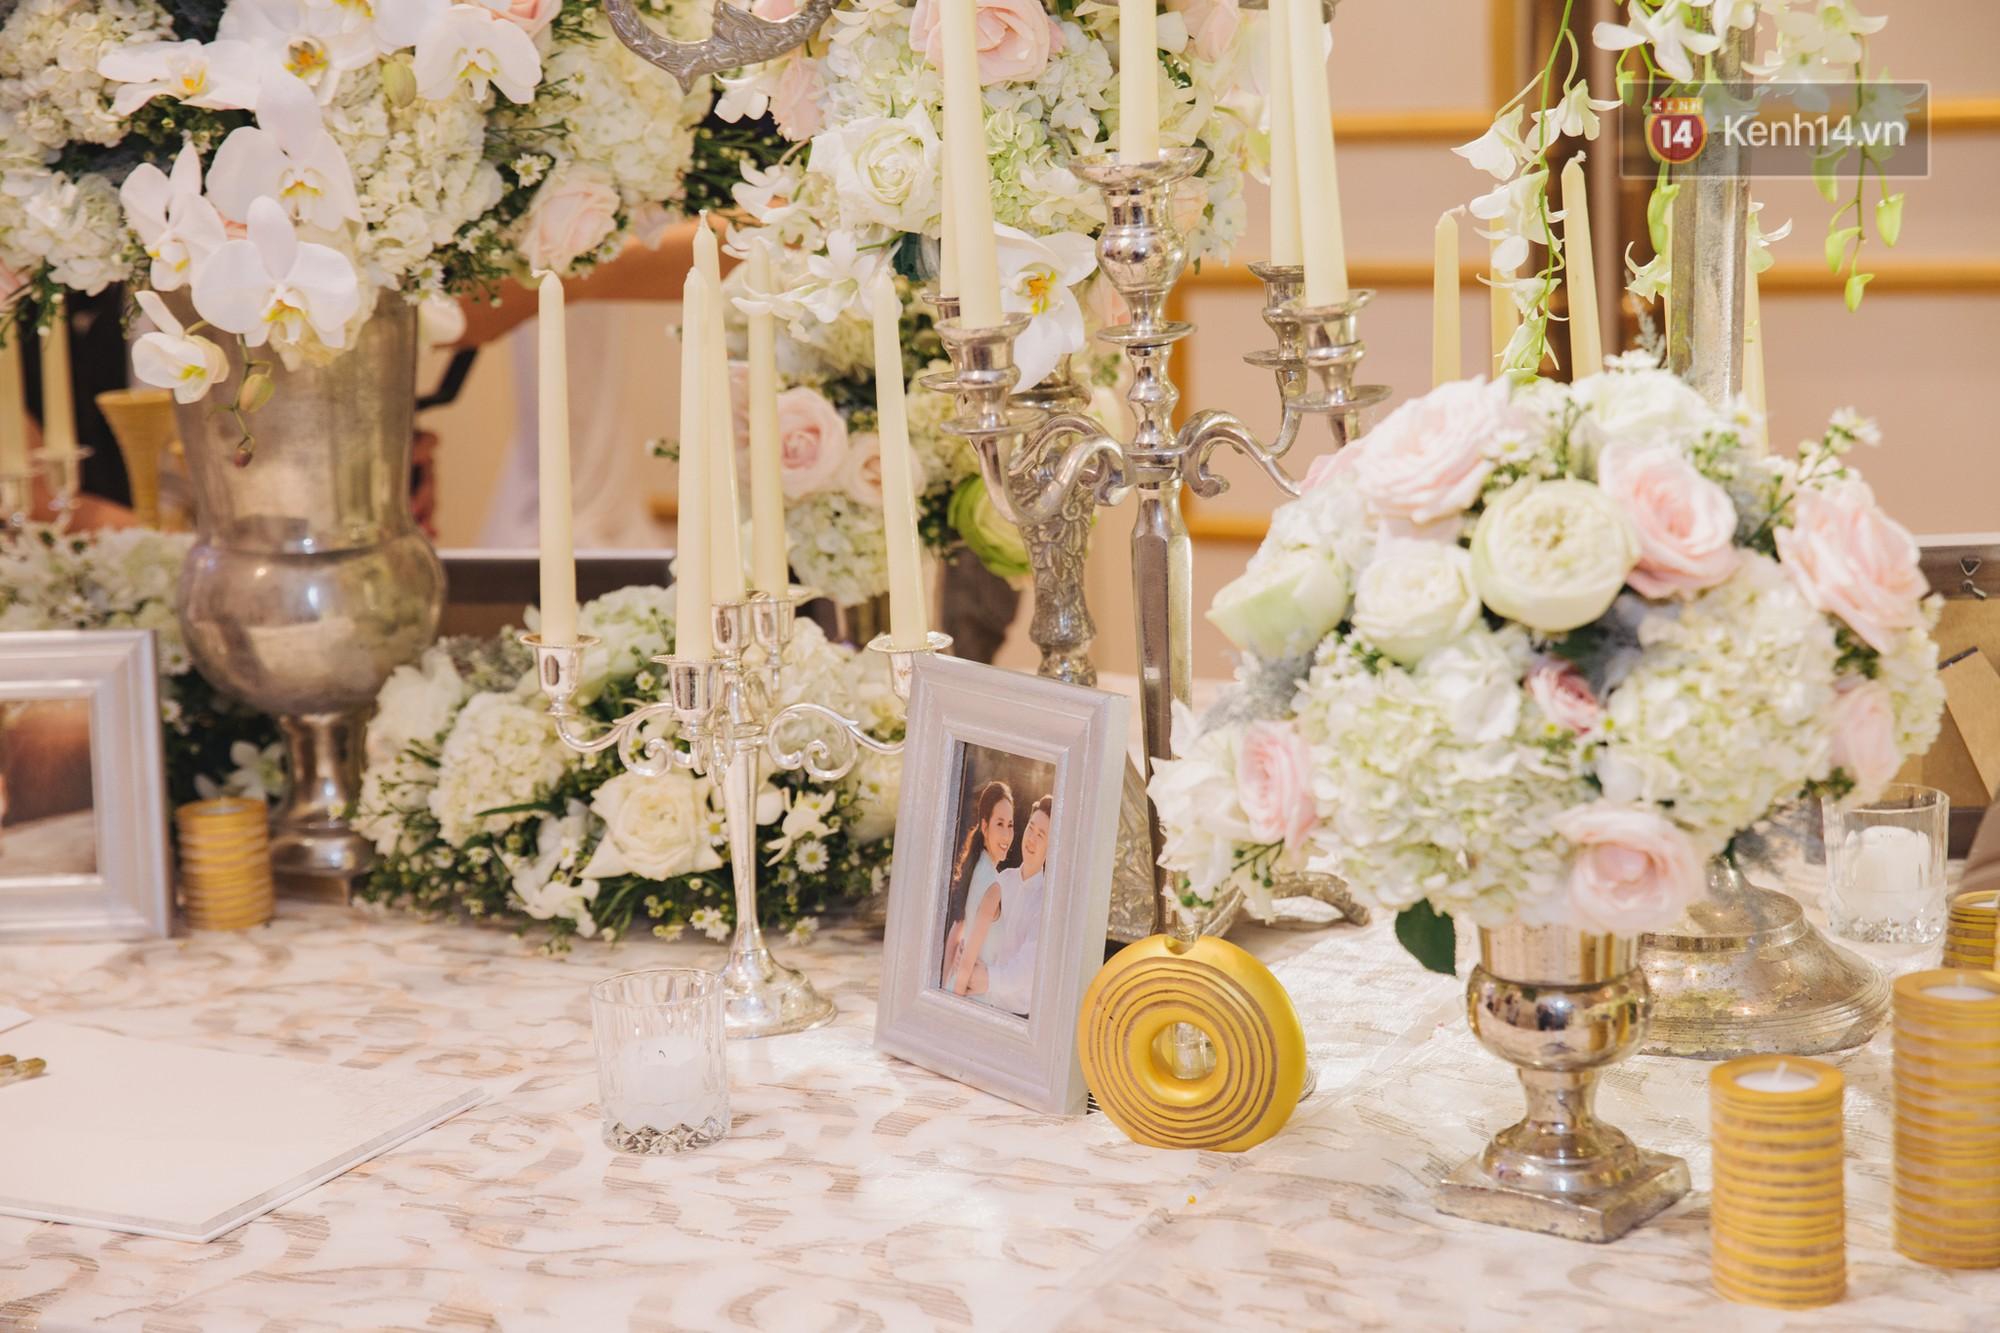 Hé lộ không gian cưới sang trọng của ca sĩ Lê Hiếu và bà xã Thu Trang - Ảnh 4.